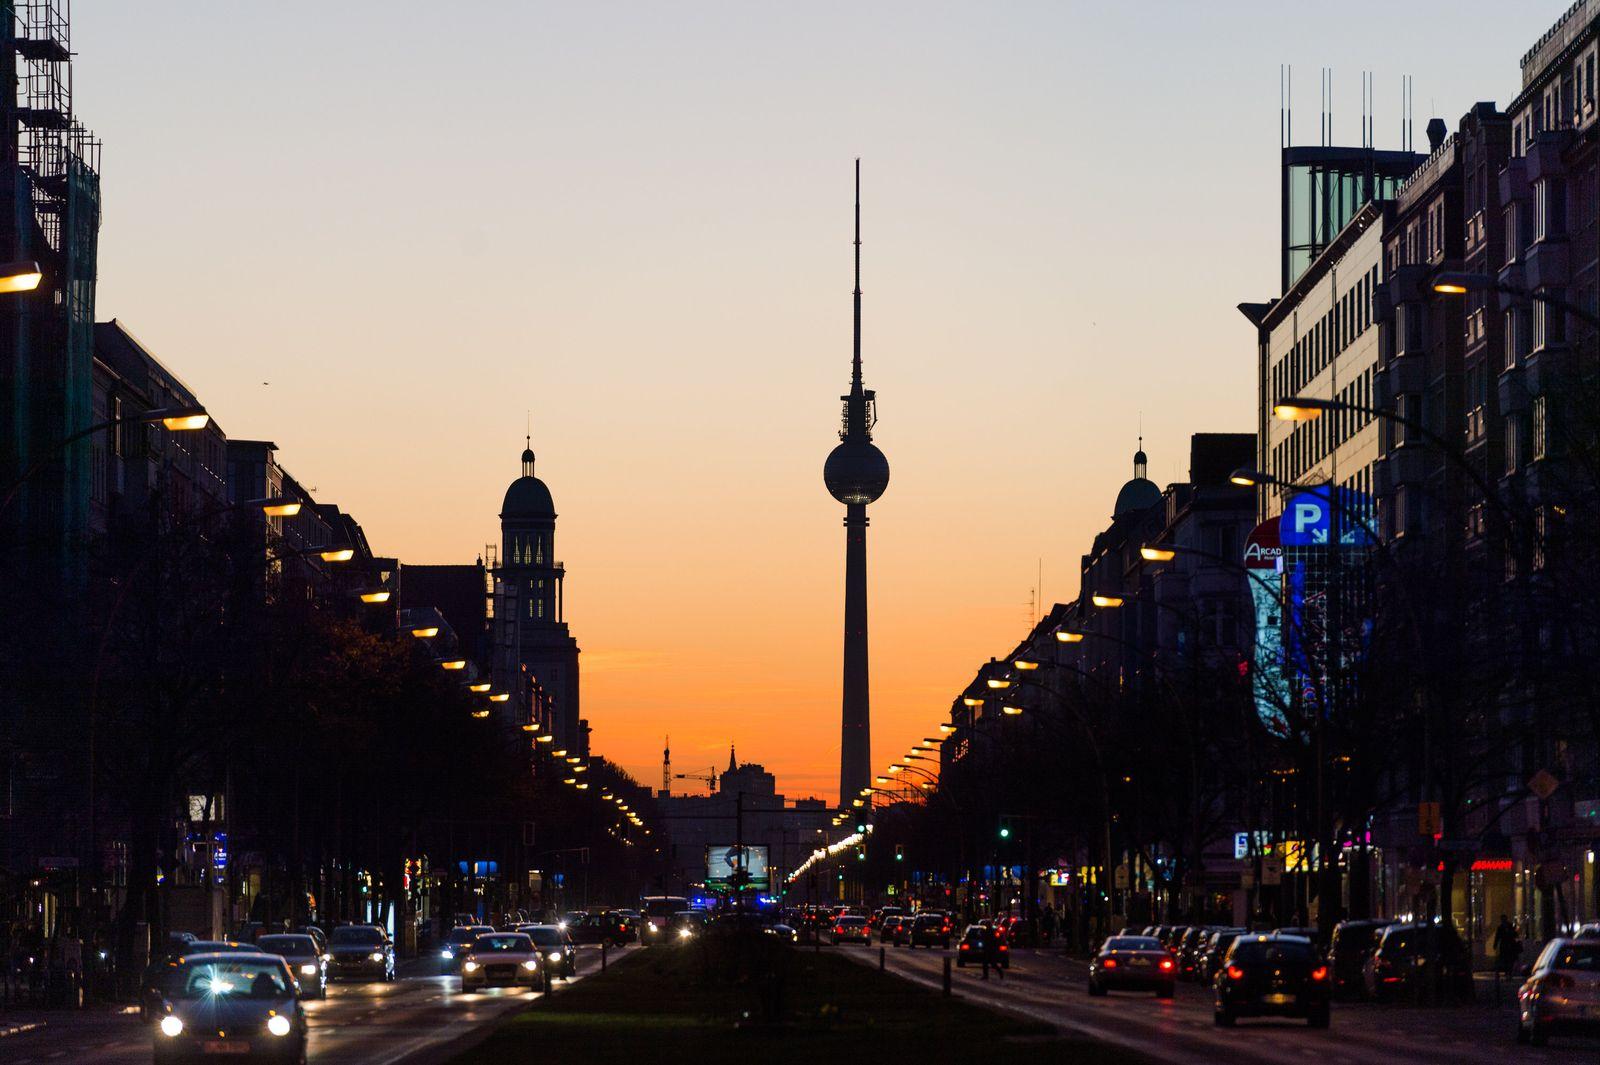 Fernsehturm bei Sonnenuntergang